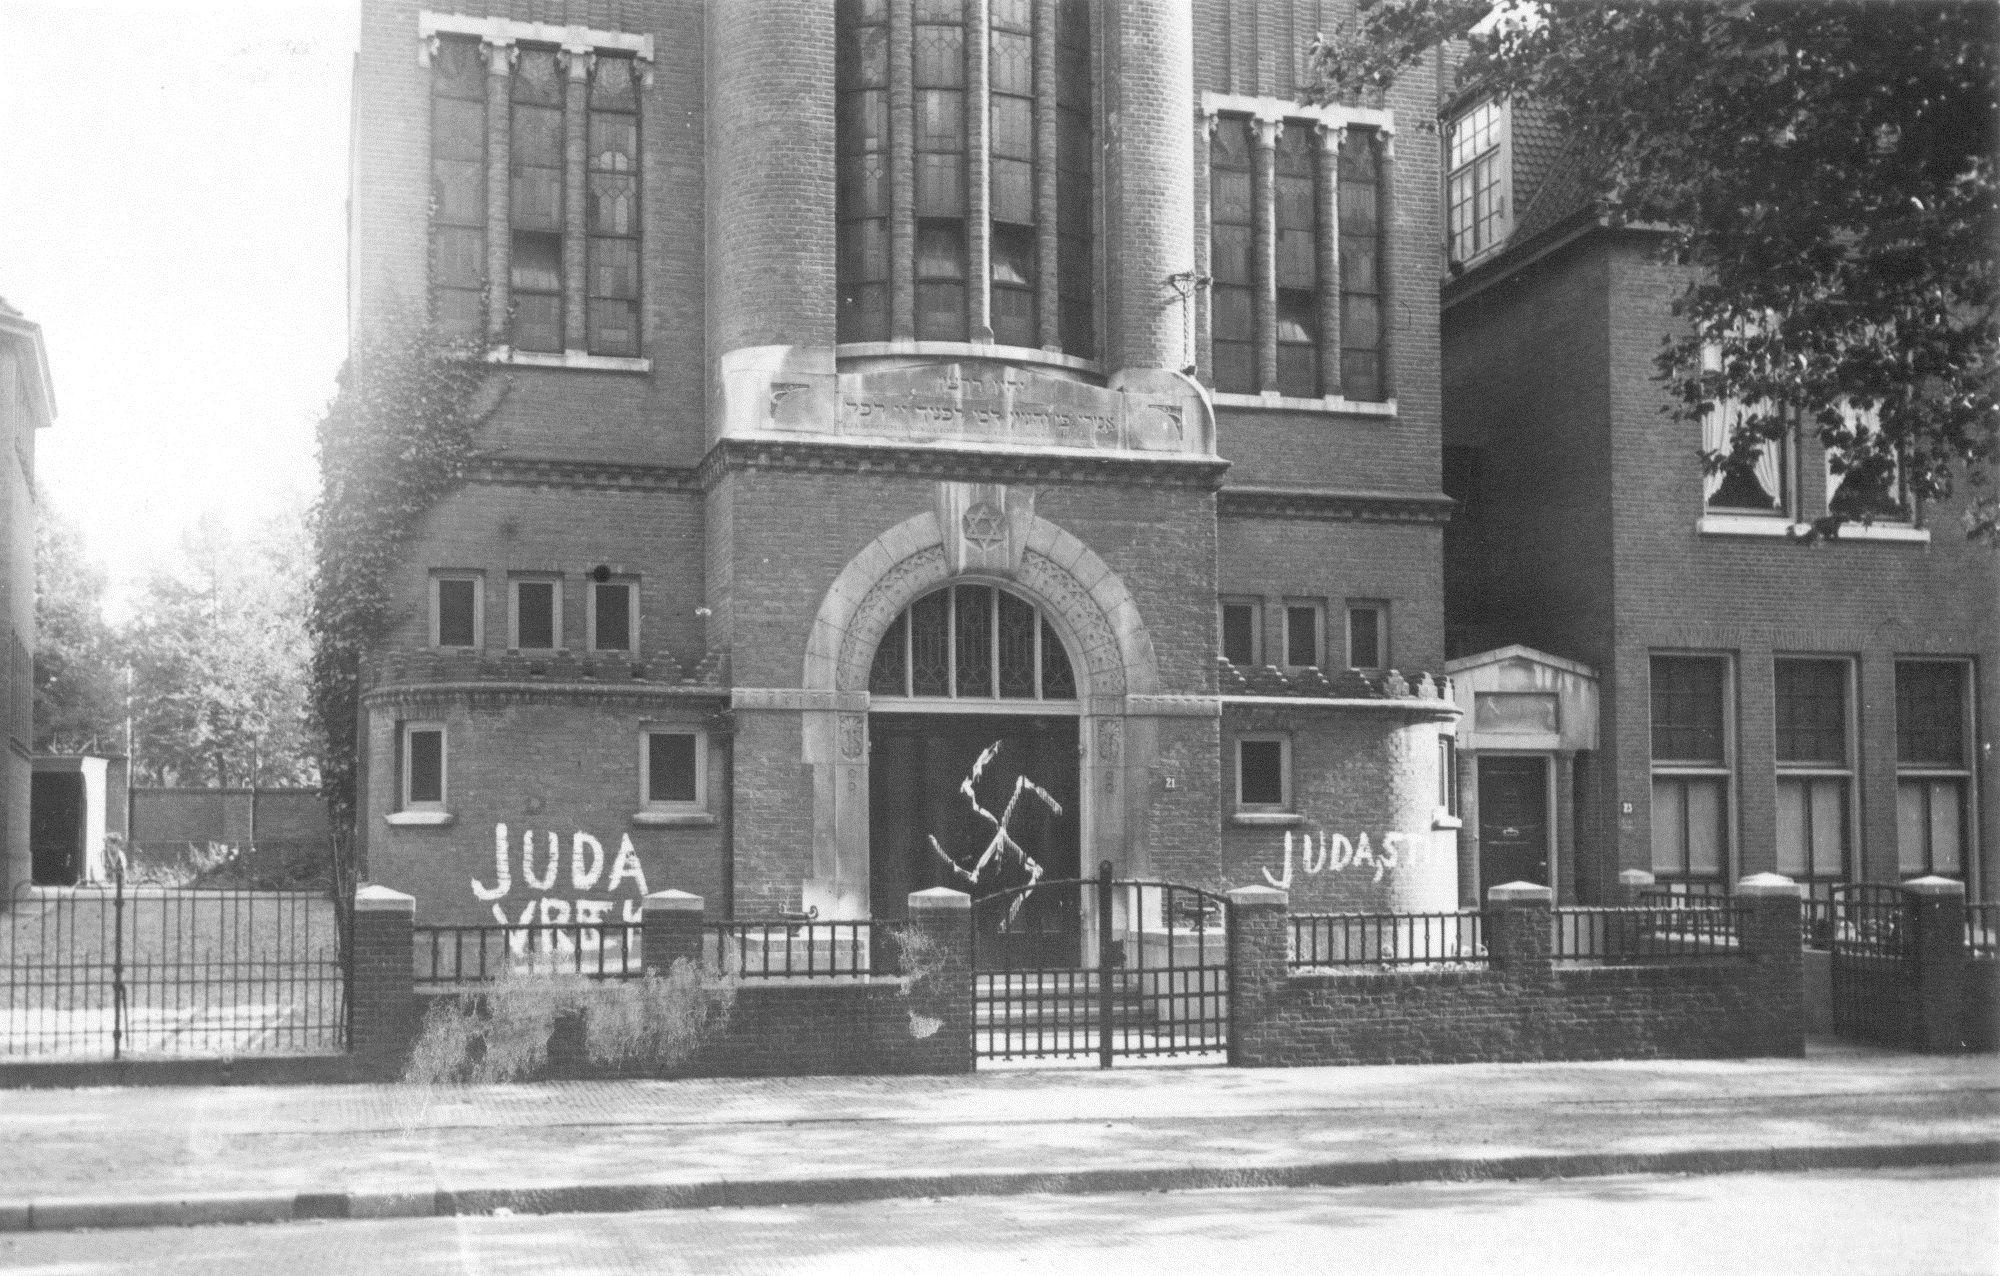 De Tweede Wereldoorlog had grote gevolgen voor de Nijmeegse joden. Dat kun je onder andere zien aan deze met hakenkruisen besmeurde Joodse Synagoge ten tijde van de Duitse bezetting. De muren van de synagoge aan de Gerard Noodtstraat werden beklad met een vlekkerig hakenkruis en teksten als 'Judas vrek' en 'Judas stik'. Dit zijn uitingen van antisemitisme in Nijmegen in 1942.